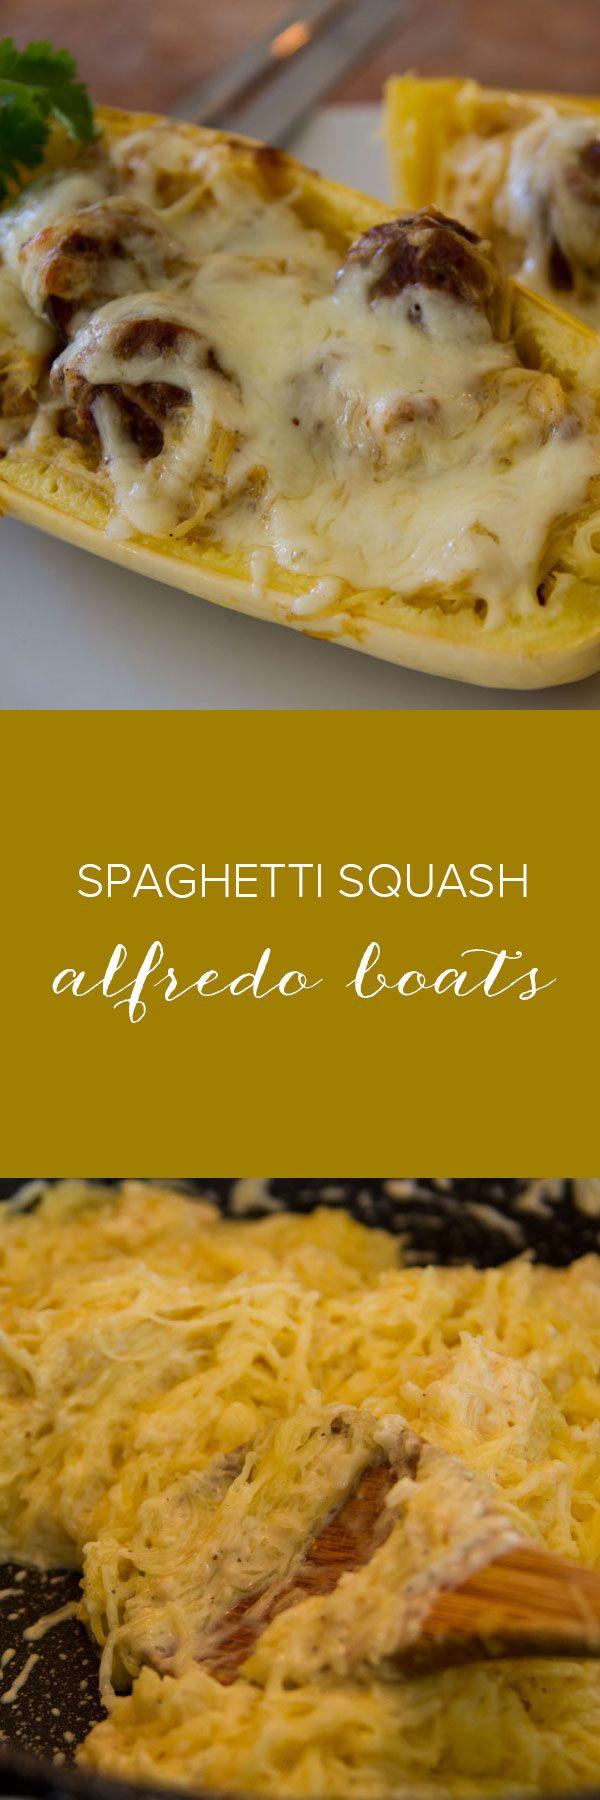 Spaghetti Squash Alfredo Boats